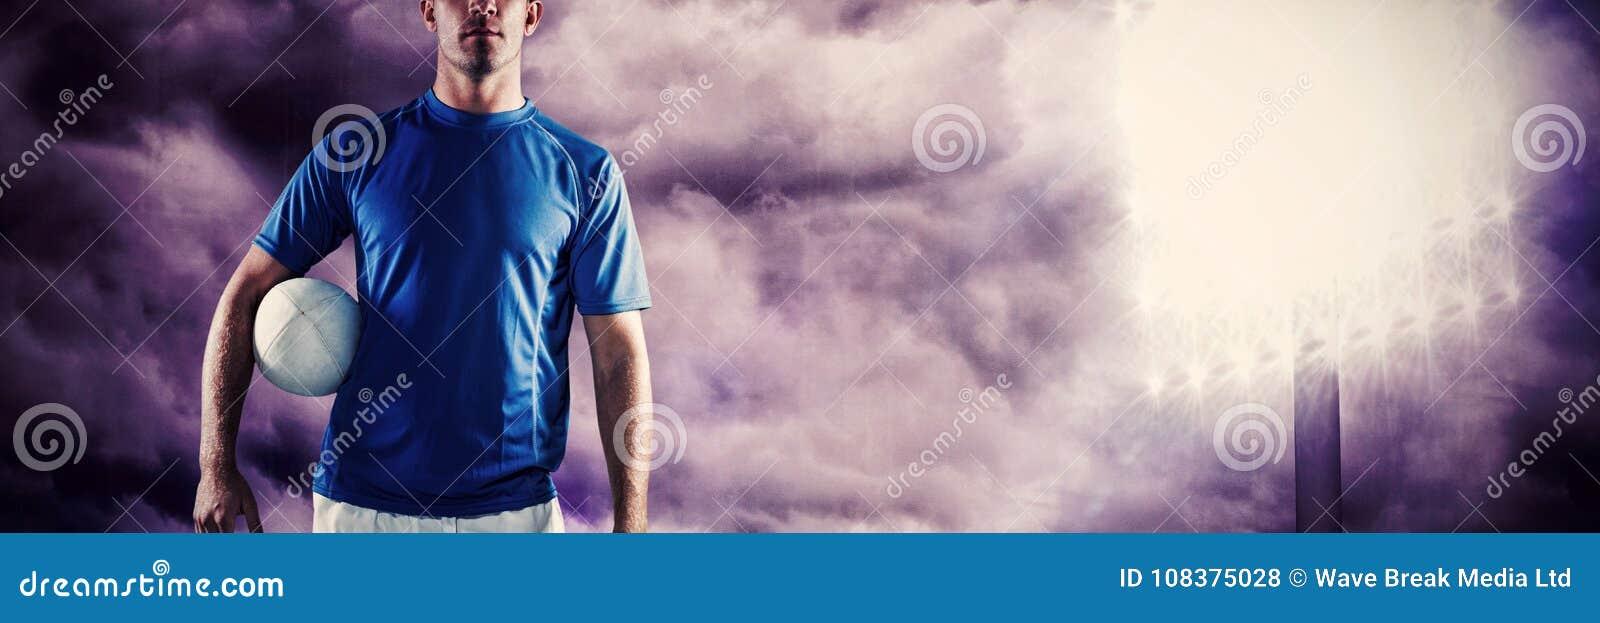 Σύνθετη εικόνα του πορτρέτου του κοιτάγματος φορέων ράγκμπι μακριά κρατώντας τη σφαίρα κατά μέρος